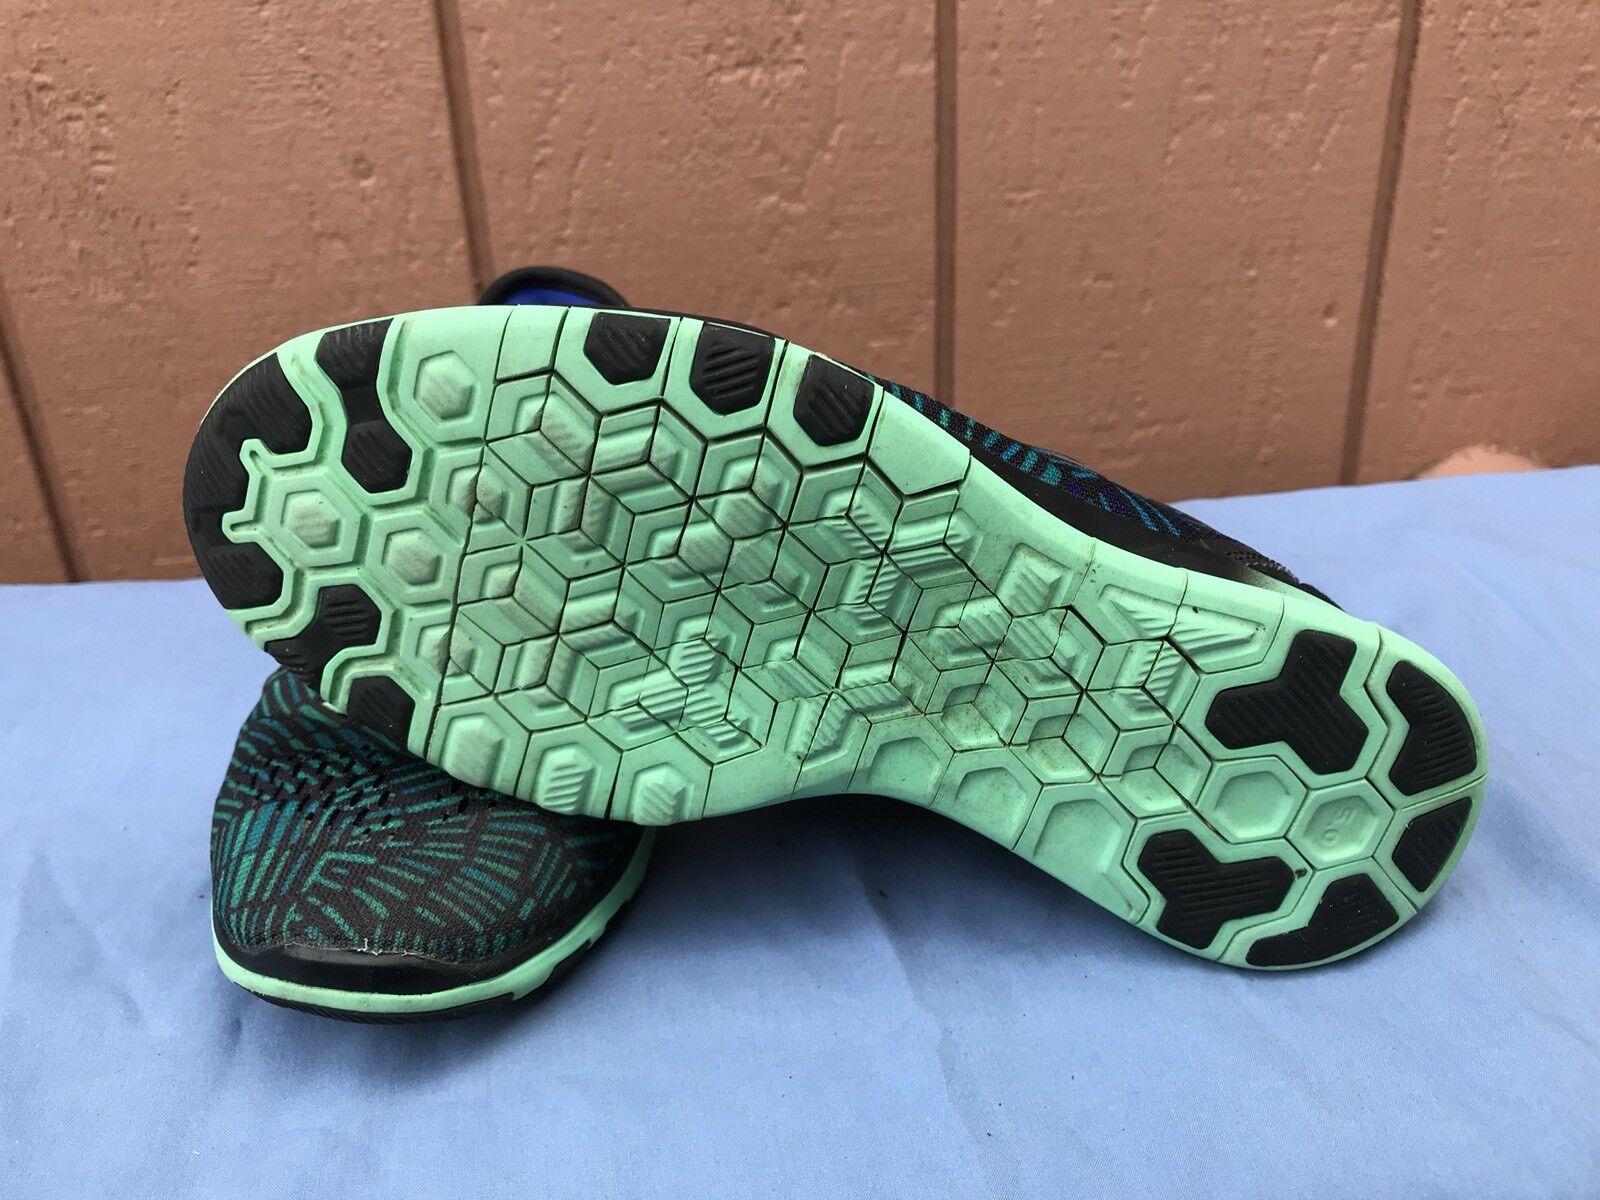 euc nike libera libera libera 5,0 tr forma 5 donne noi 5,5 704695-016 bagliore verde scarpa a4 | Garanzia di qualità e quantità  | Maschio/Ragazze Scarpa  | Uomo/Donne Scarpa  | Scolaro/Signora Scarpa  38383b